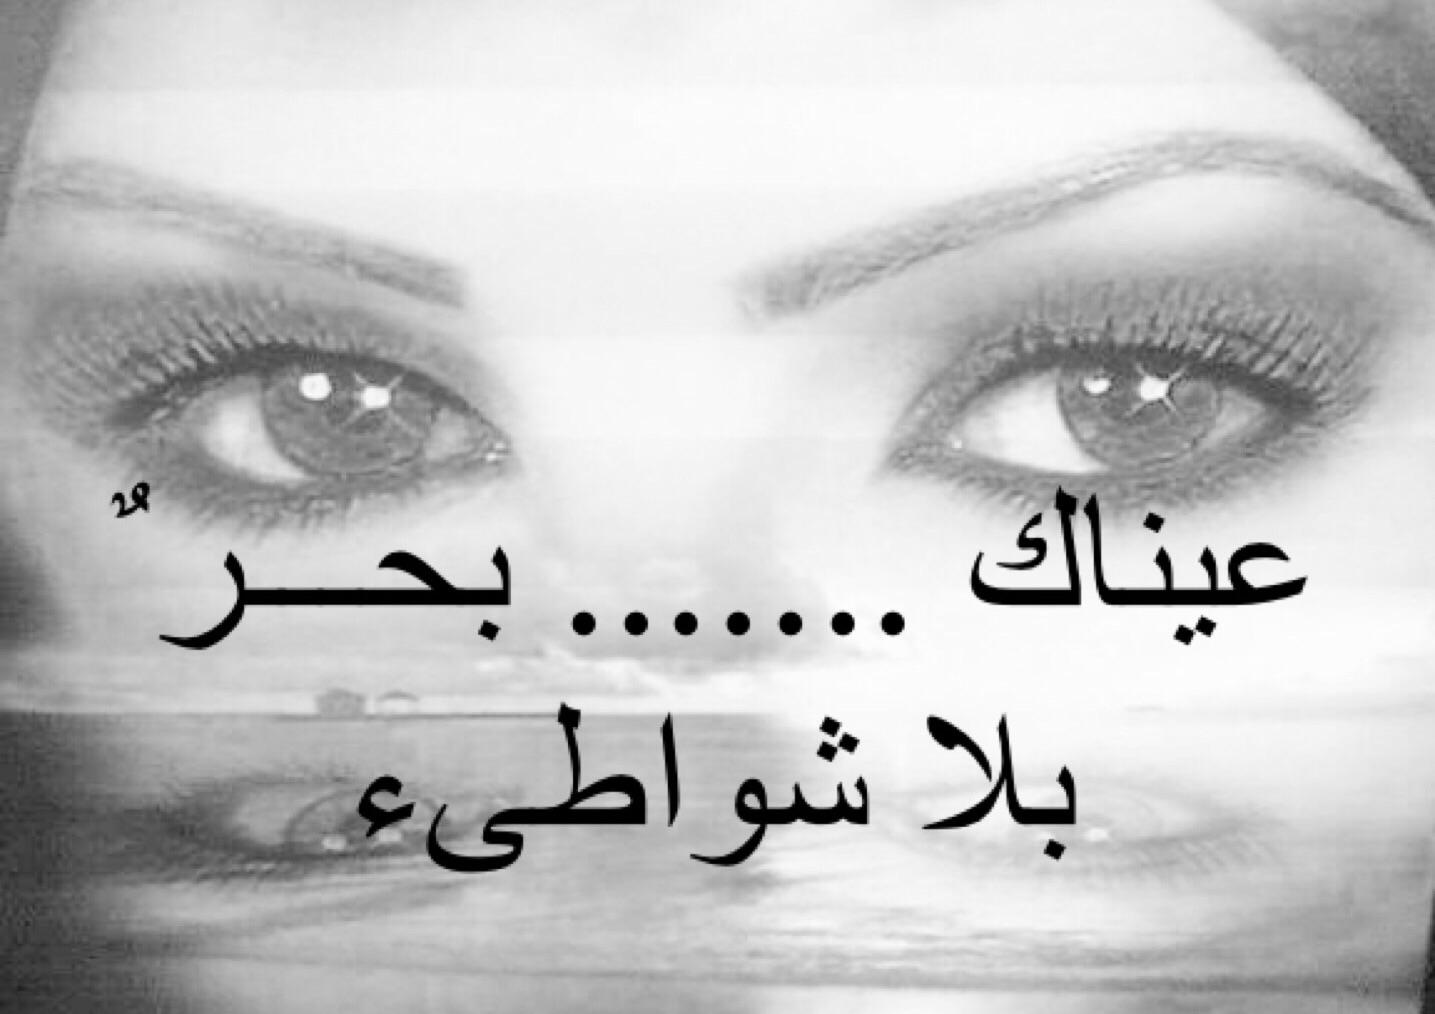 صورة شعر عن الغزل قصير ,اجمل ابيات عن الشعر والرومانسيه 7286 8